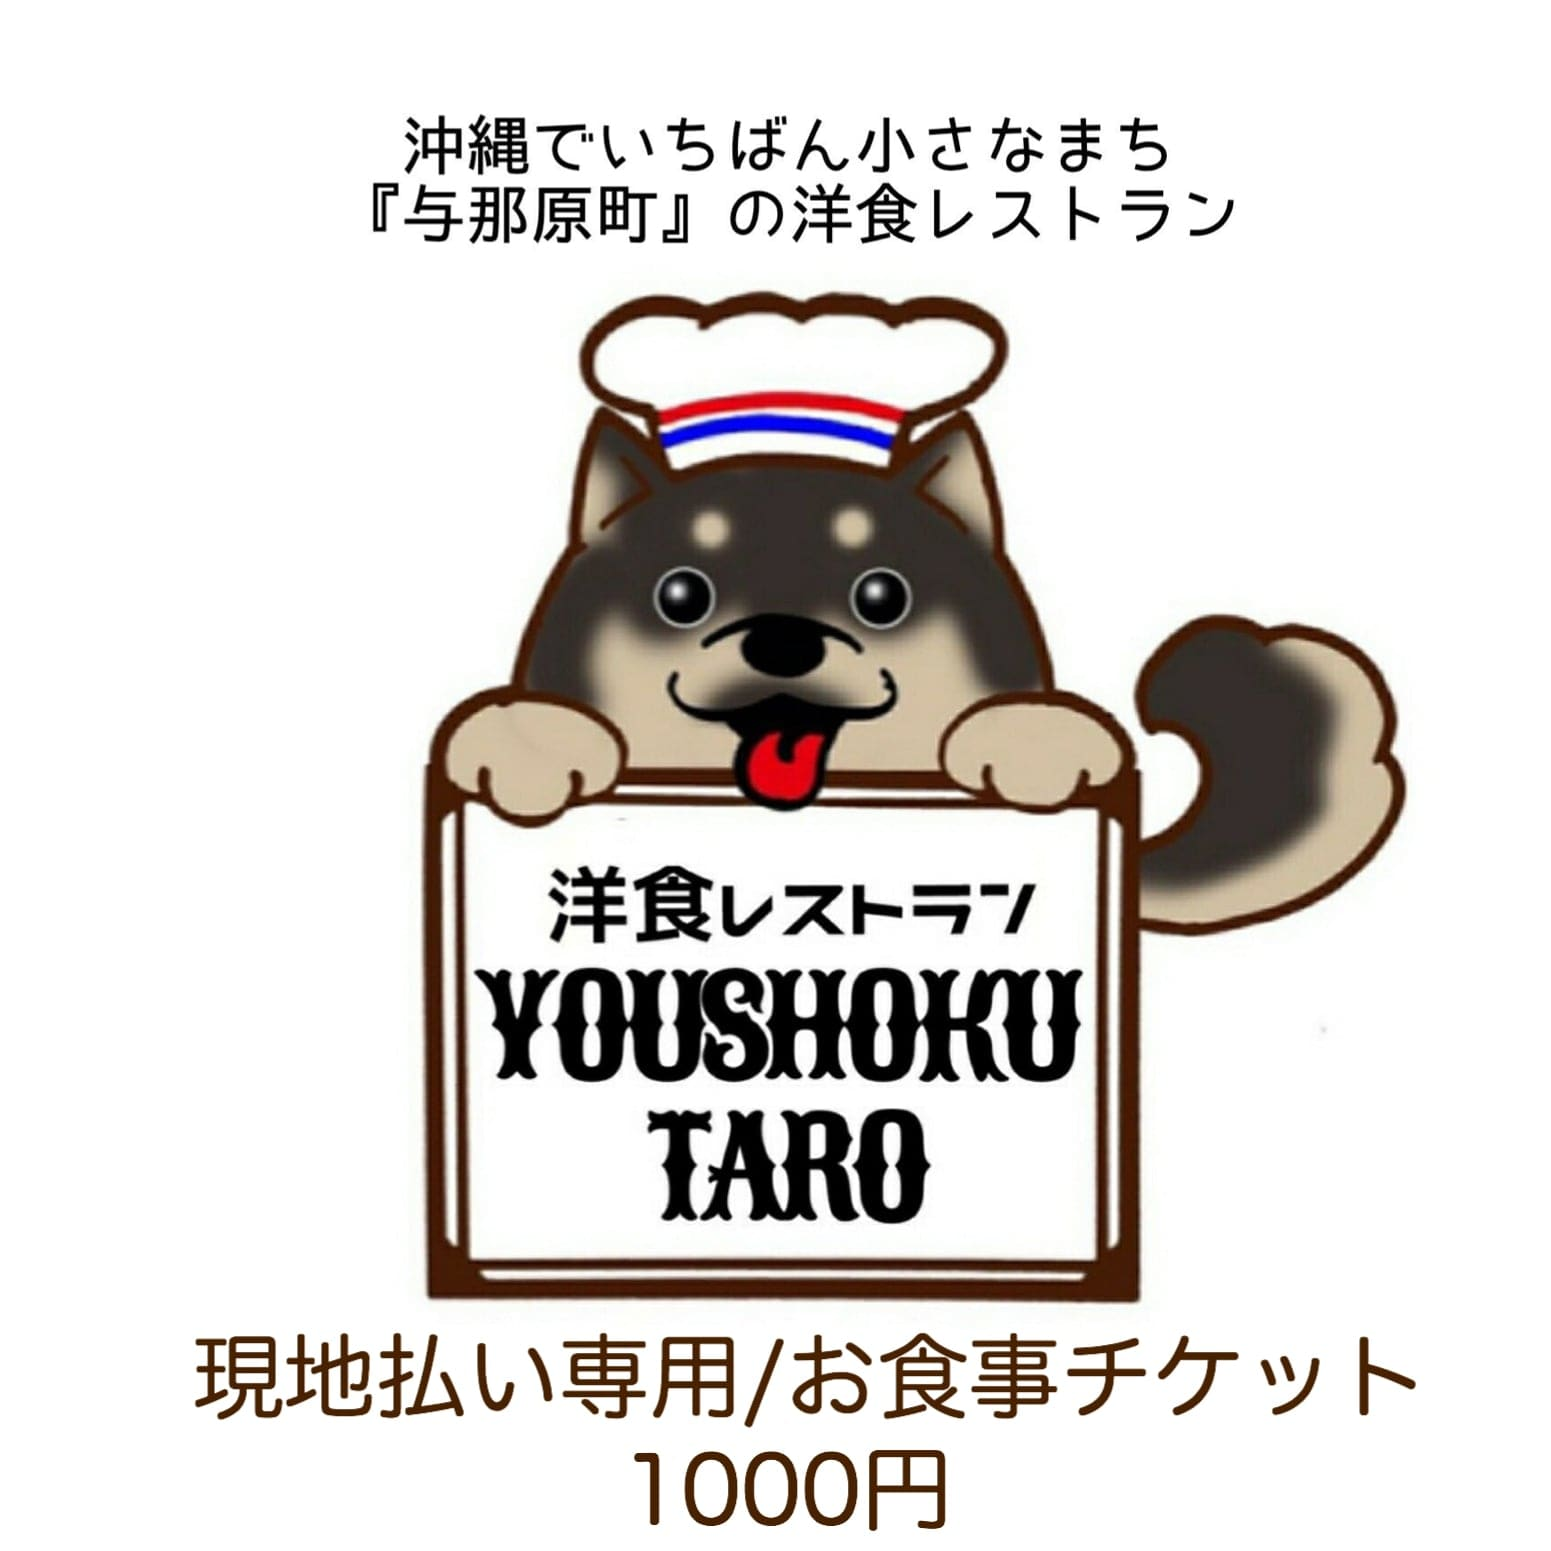 【現地払い専用】1,000円お食事チケット/お買い物で買えちゃうポイントが貯まりお得です‼︎のイメージその6